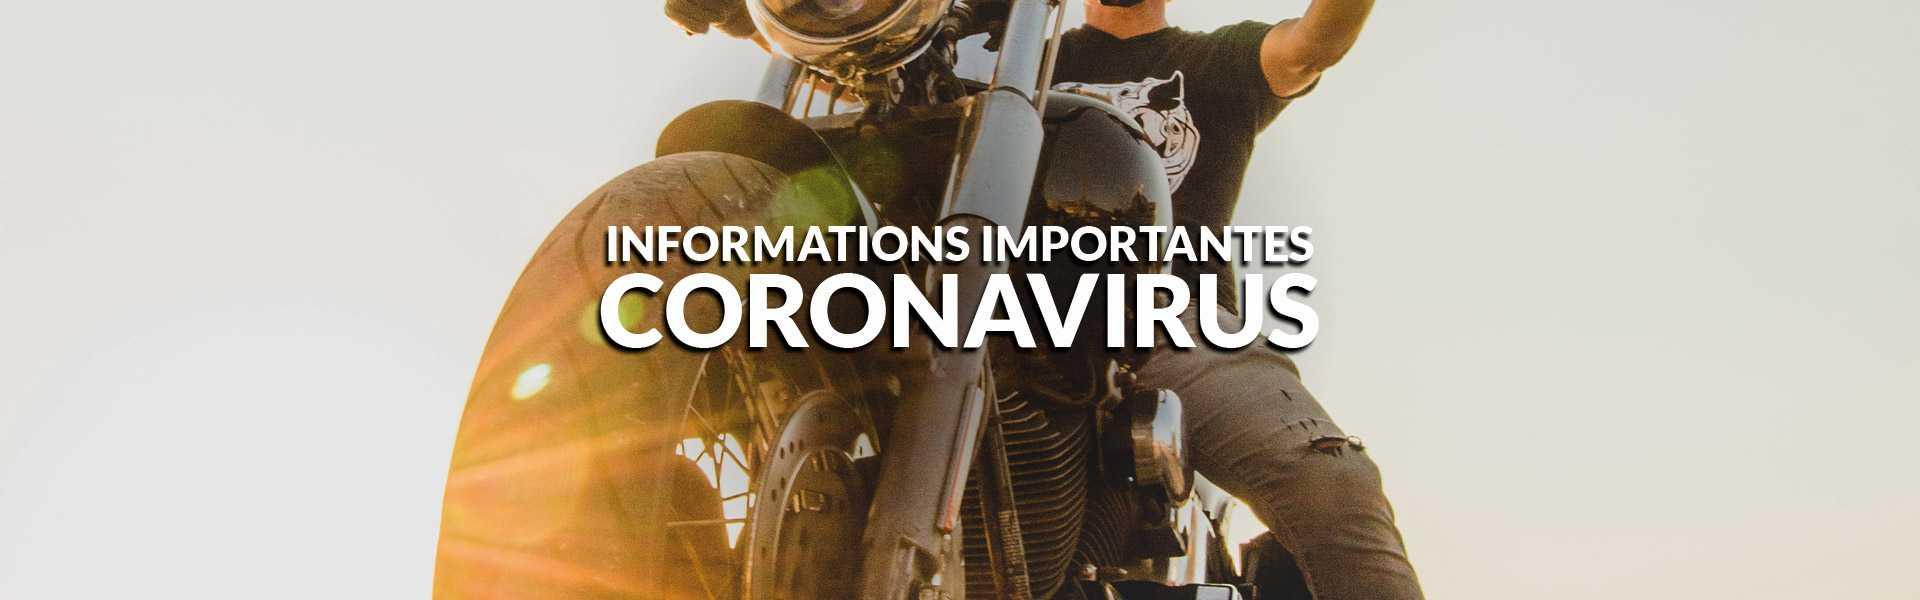 coronavirus, CORONAVIRUS: INFORMATIONS IMPORTANTES